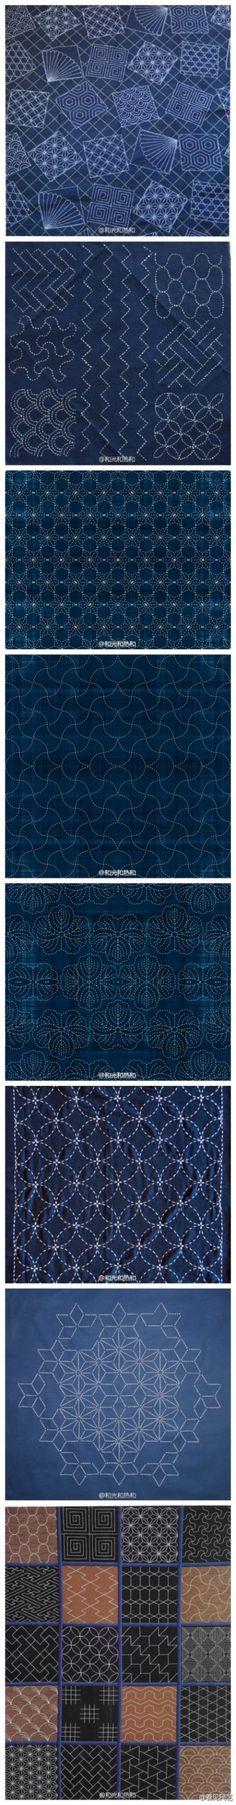 """Sashiko (刺し子)是指用白线在靛染蓝布上刺绣重复的简单几何图案。这种技巧最早是用来表现水波,或者用来缝补衣服加以装饰。但是日本人的美学意识却可以点石成金,把它变成一种褪却所有技巧的""""大巧"""",以直截了当的方式指向了审美的根本"""